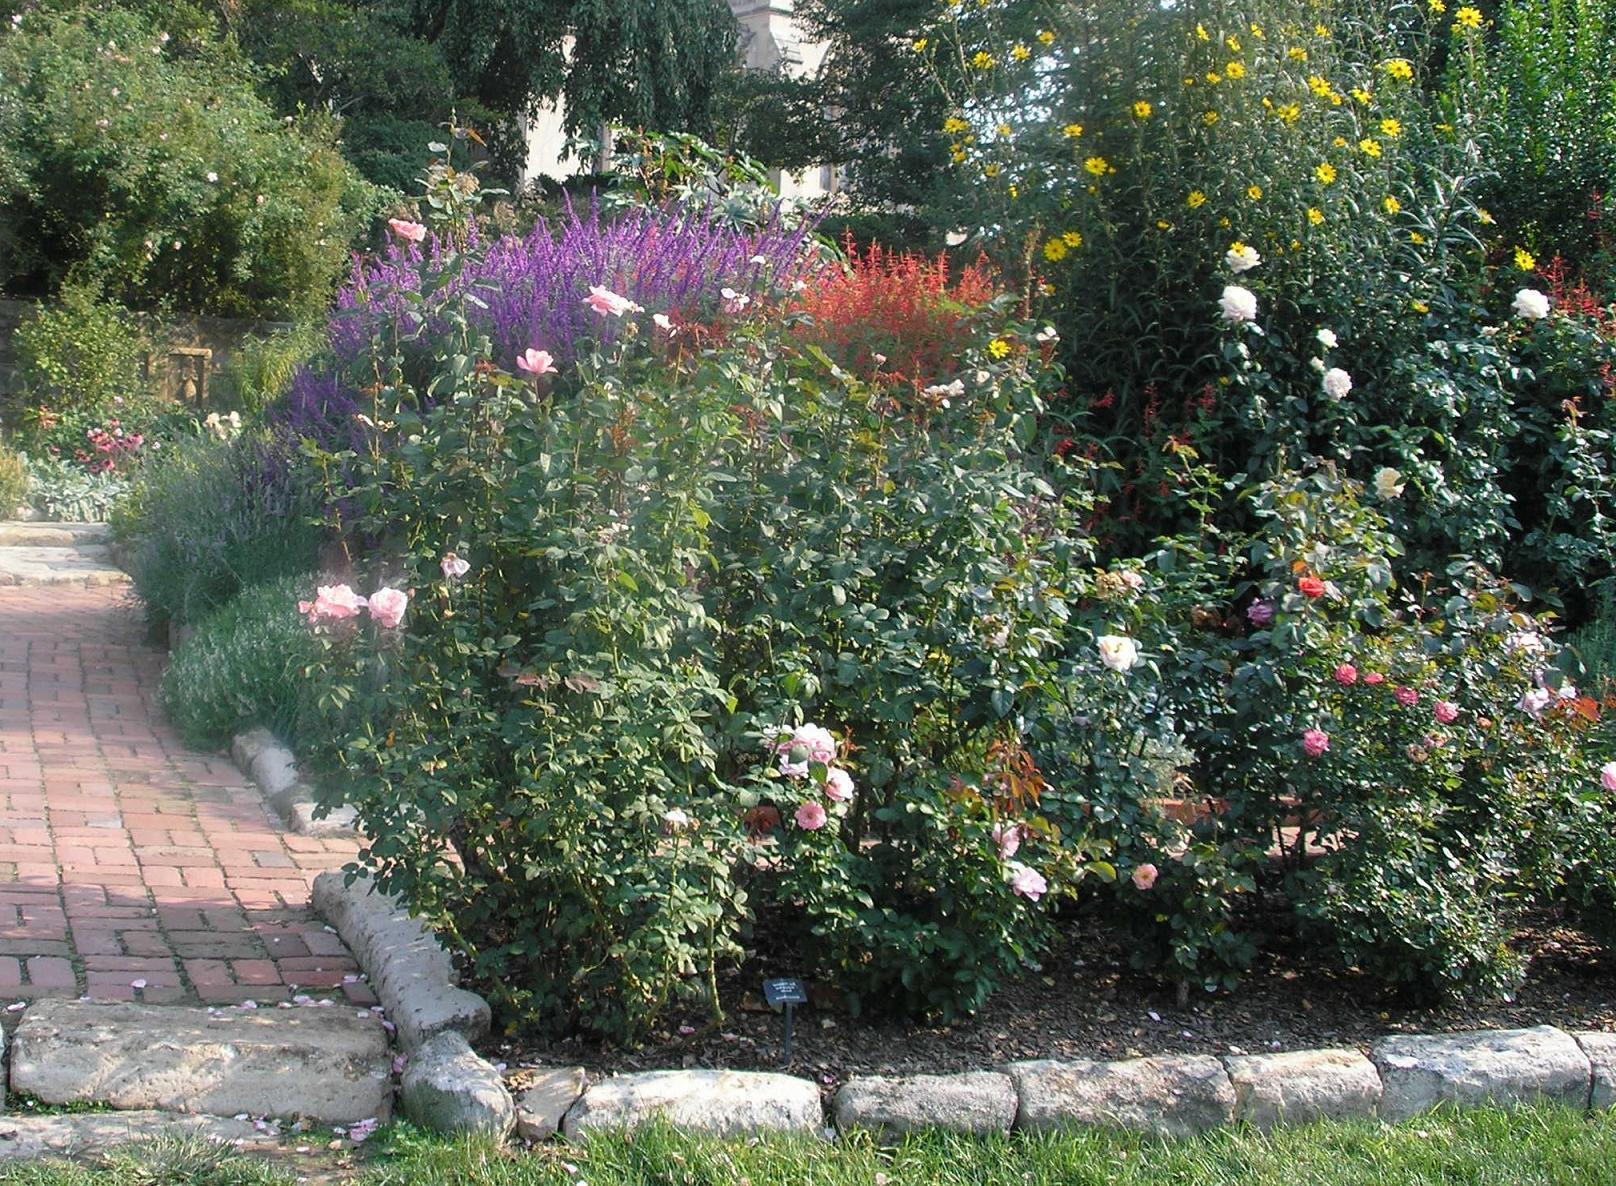 Bordure Jardin : Installer Des Bordures De Jardin | Pratique.fr serapportantà Bordure De Jardin En Bois Pas Cher